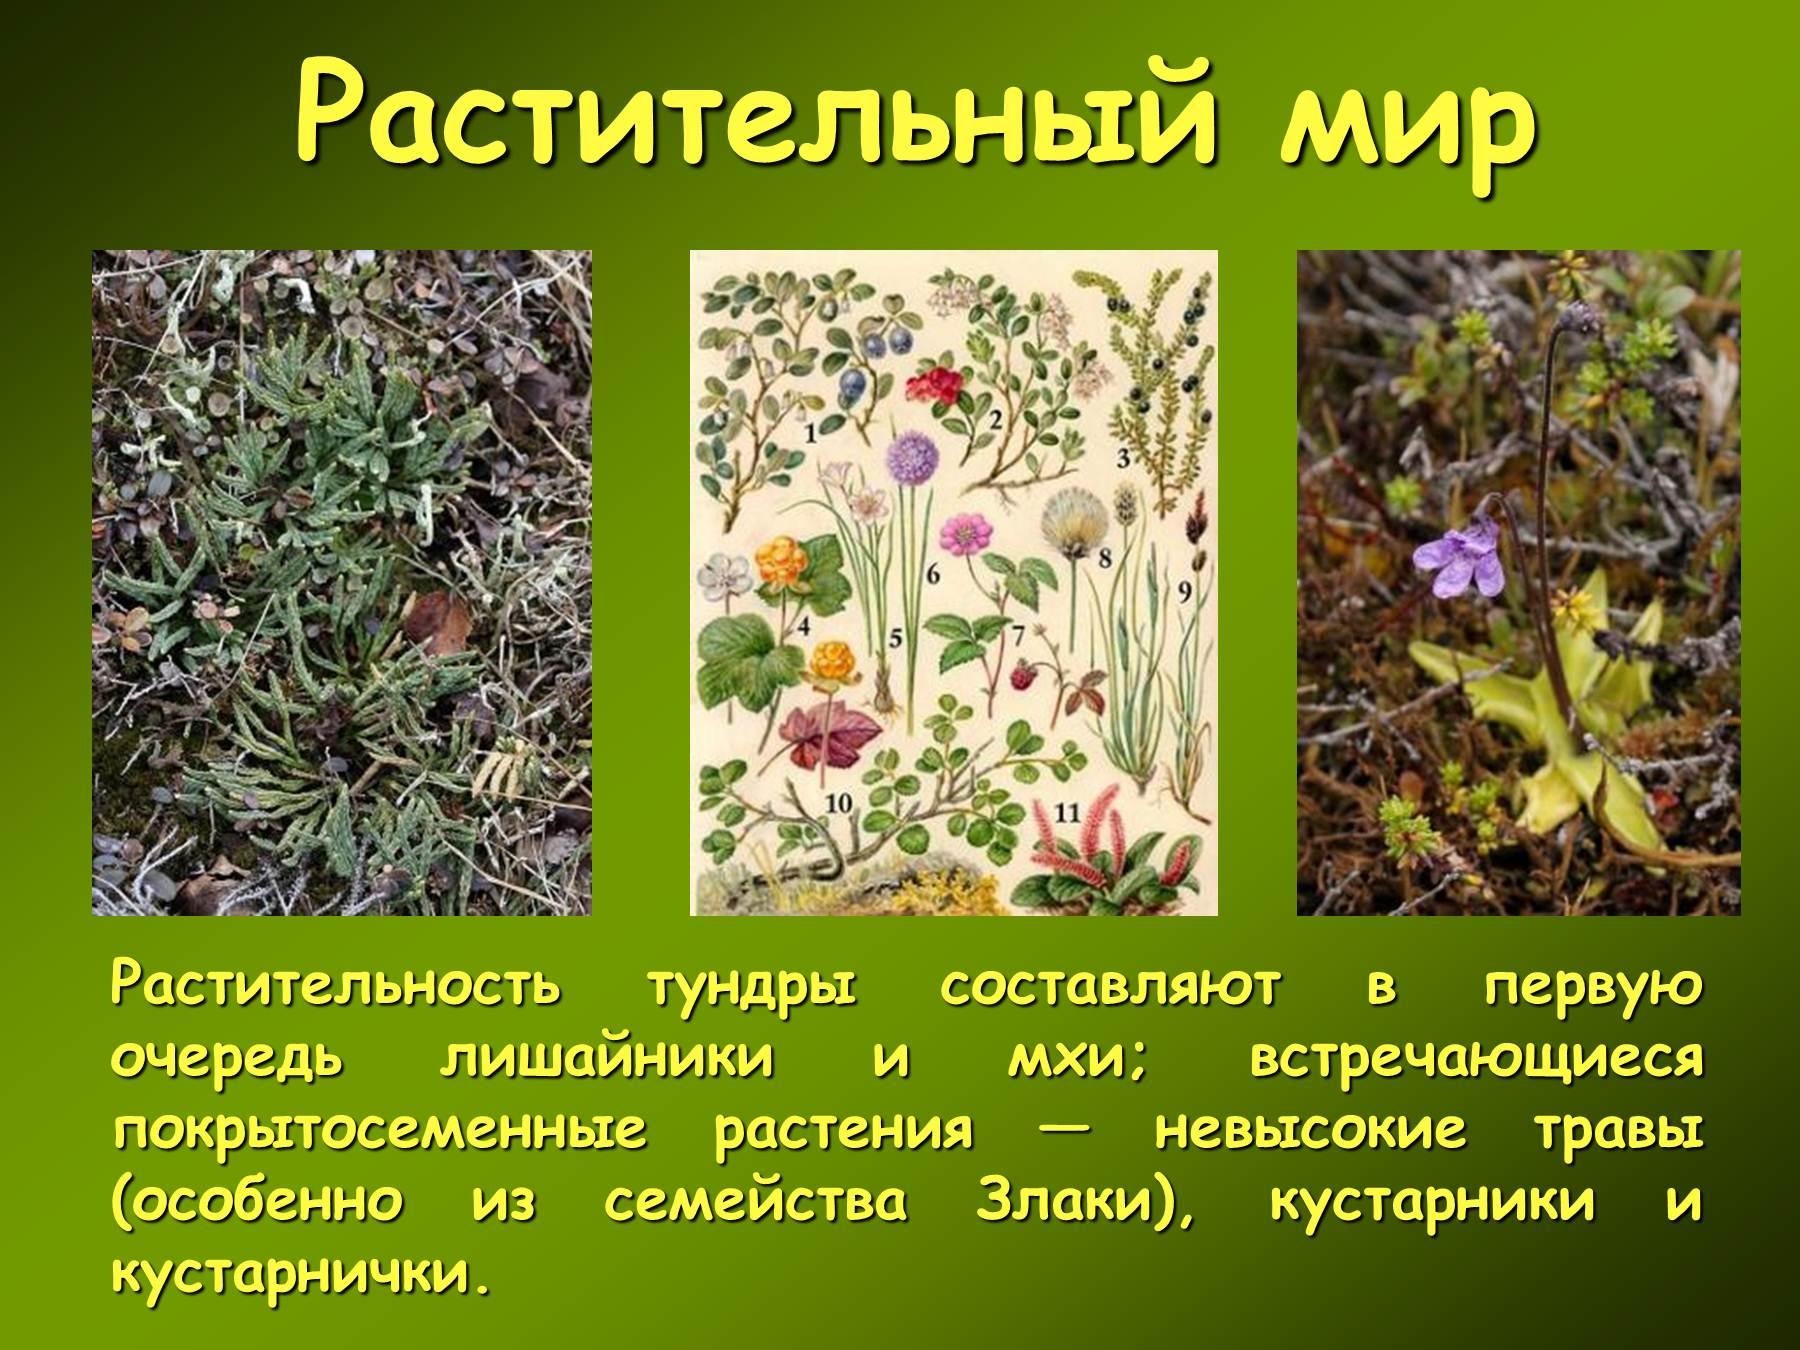 Растения тундры фотографии надписями 2